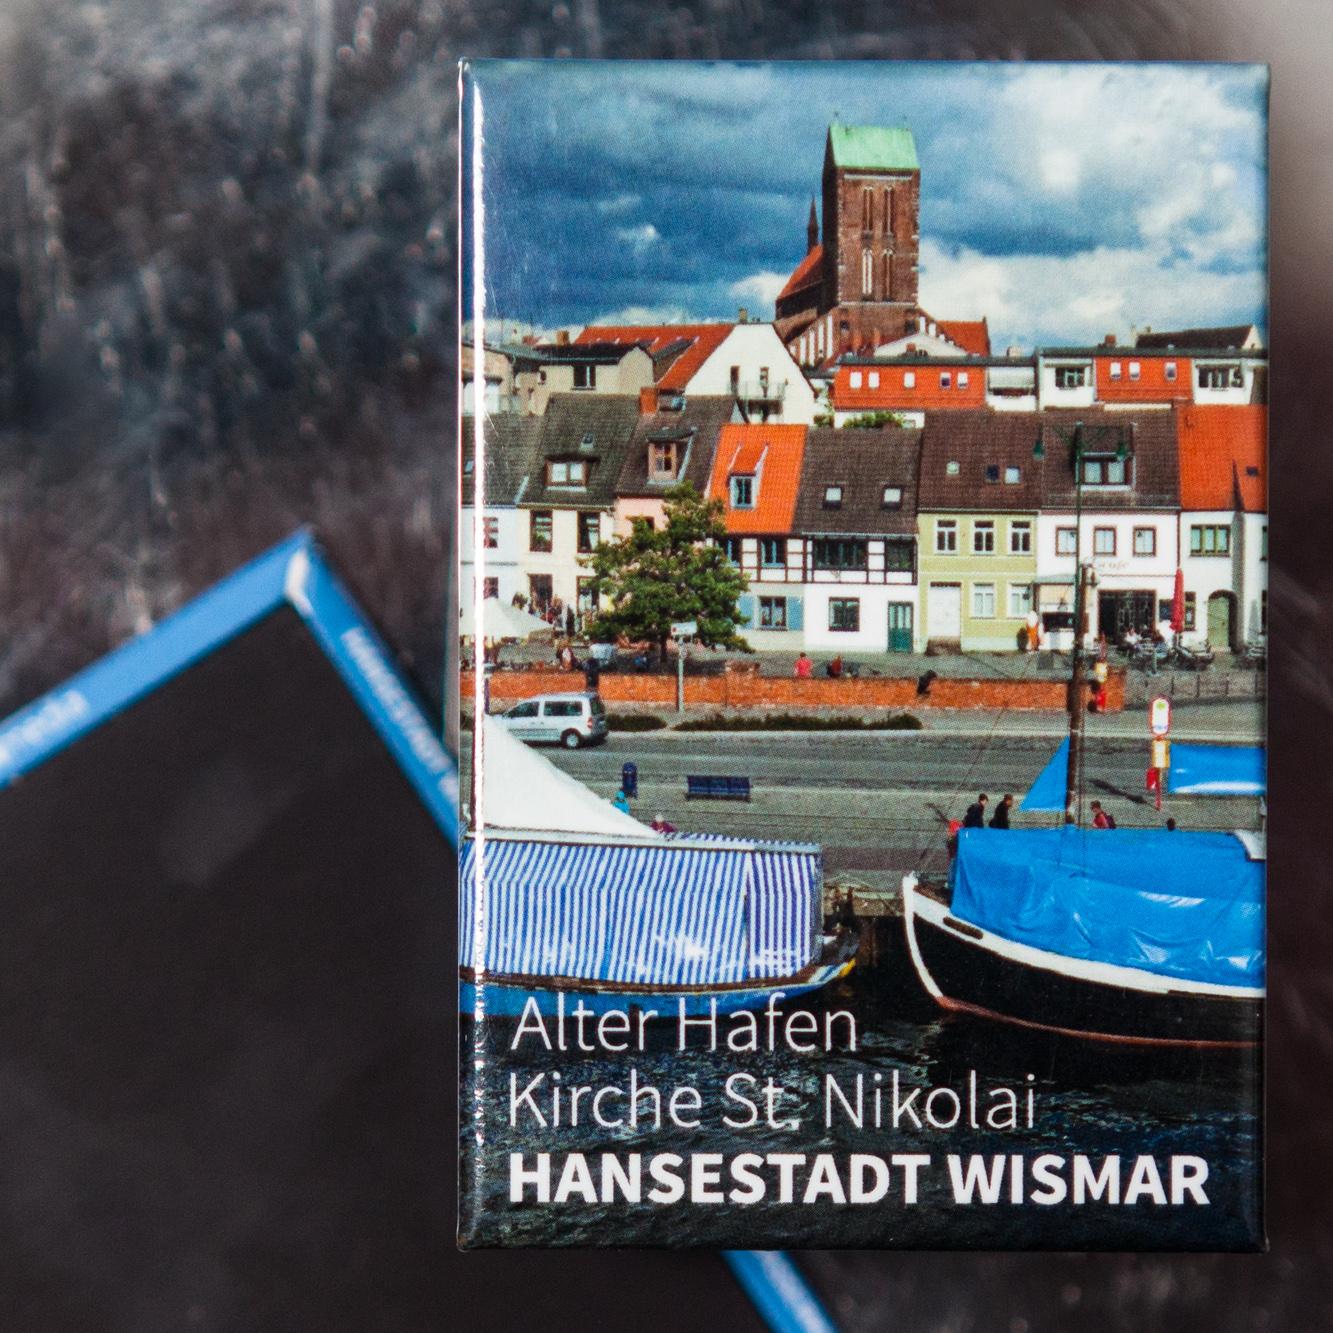 W037H-M: Magnet Wismar: Alter Hafen, Lohberg, Kirchturm St. Nikolai und Fischverkaufsschiffe